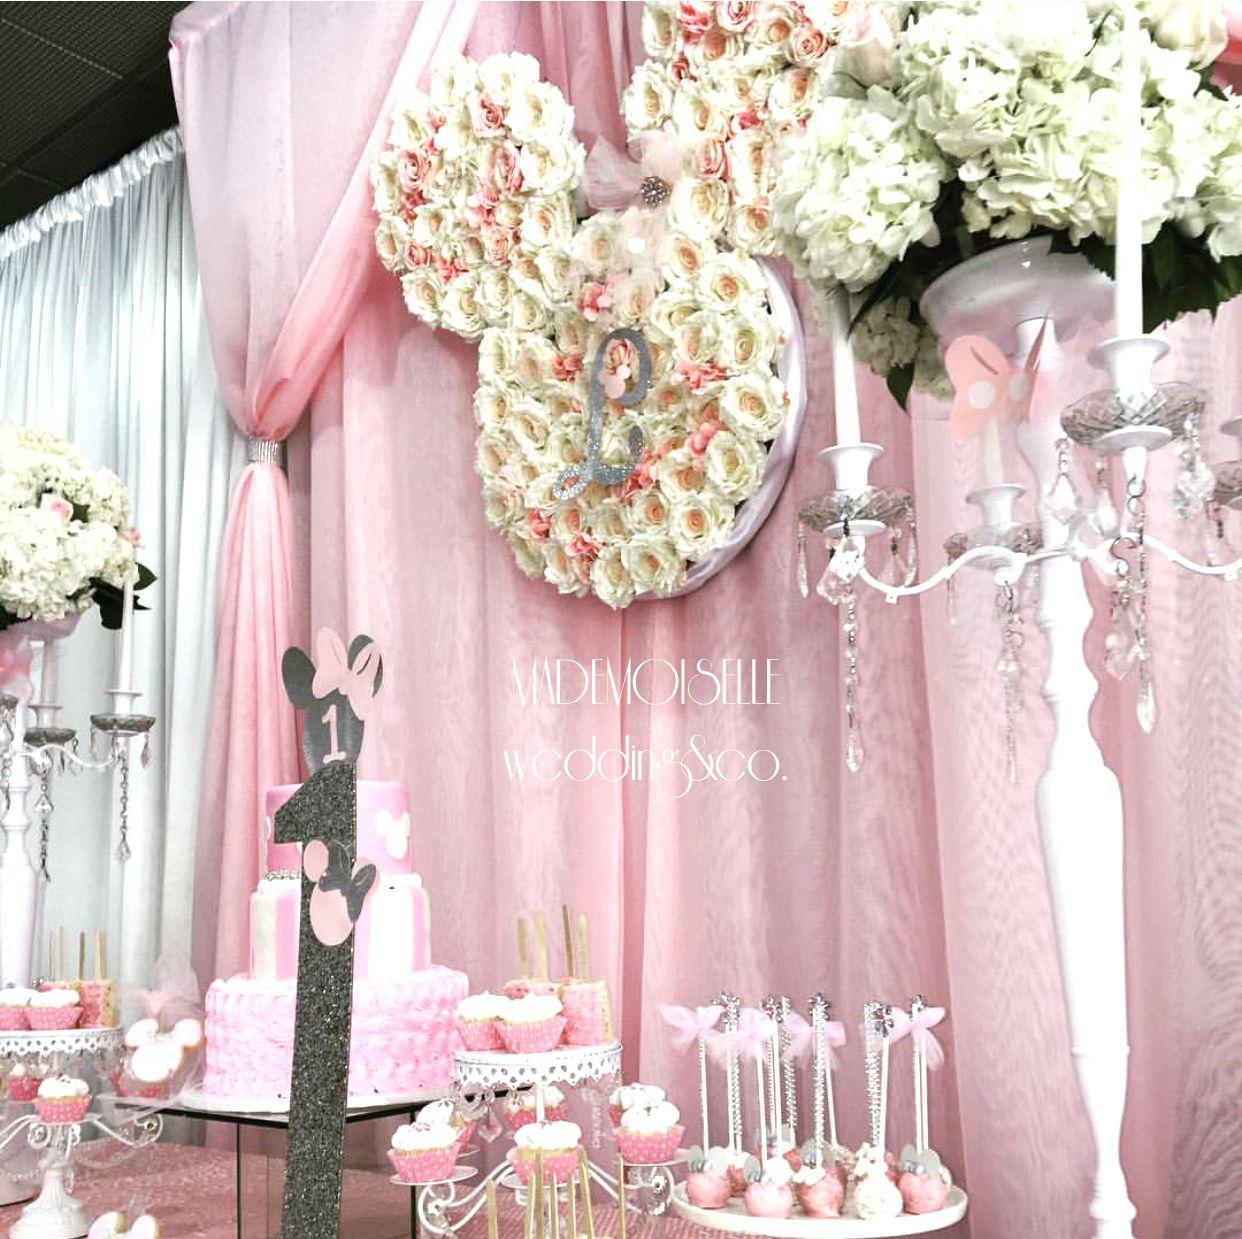 IMG_E4537-slatki sto-dekoracija rodjendana-dekoracija za krstenje-kolacici-nezno roze zlatna dekoracija slatkog stola-svecnjaci- ruze